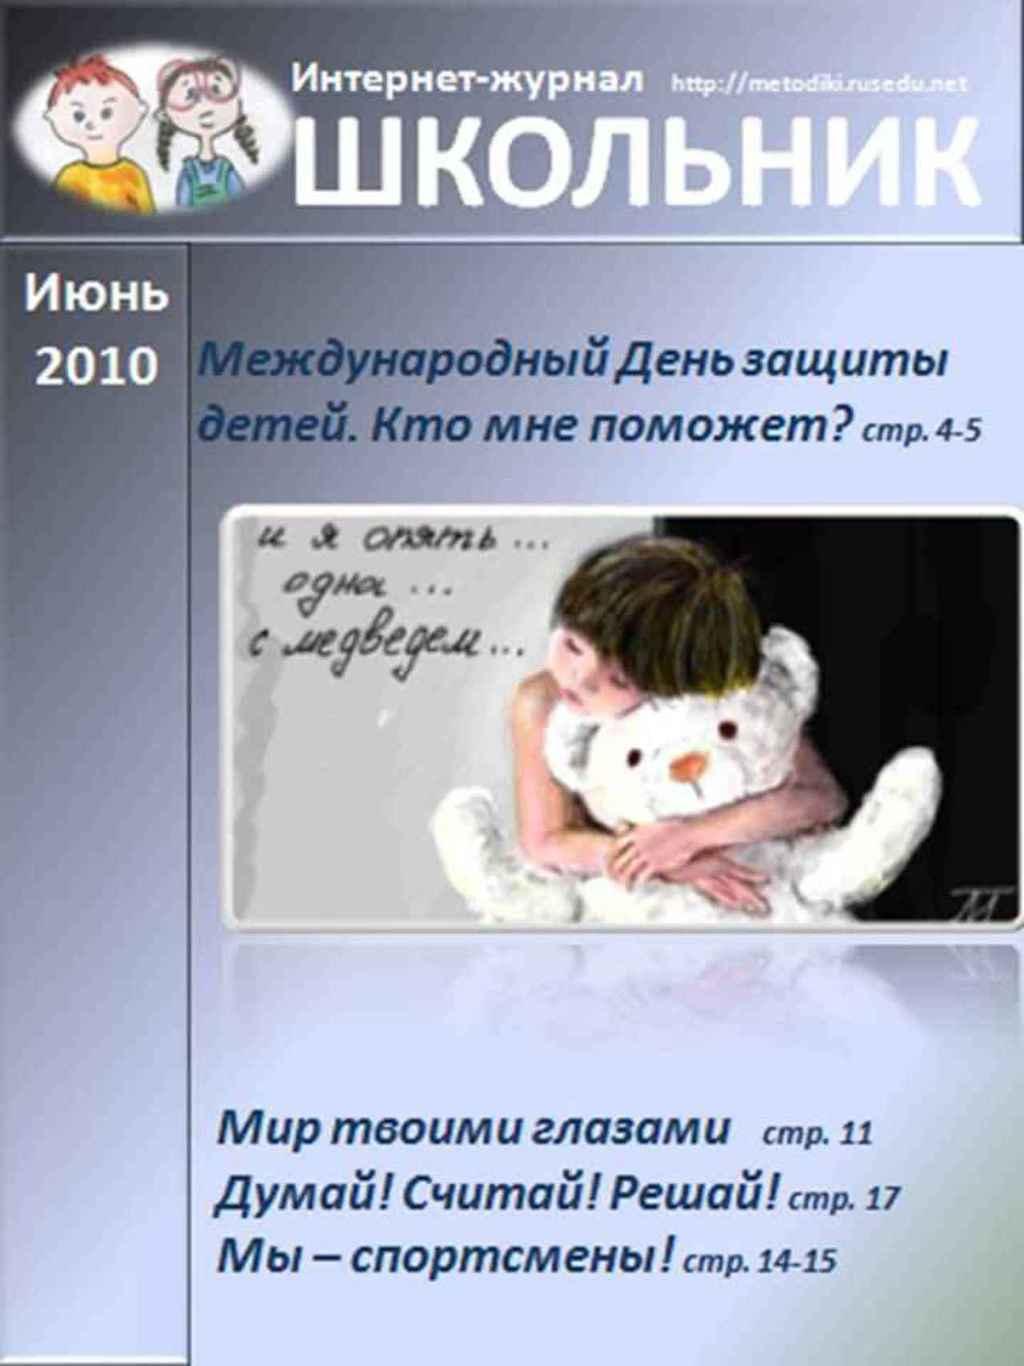 http://metodiki.rusedu.net/gallery/1793/22126-06.JPG